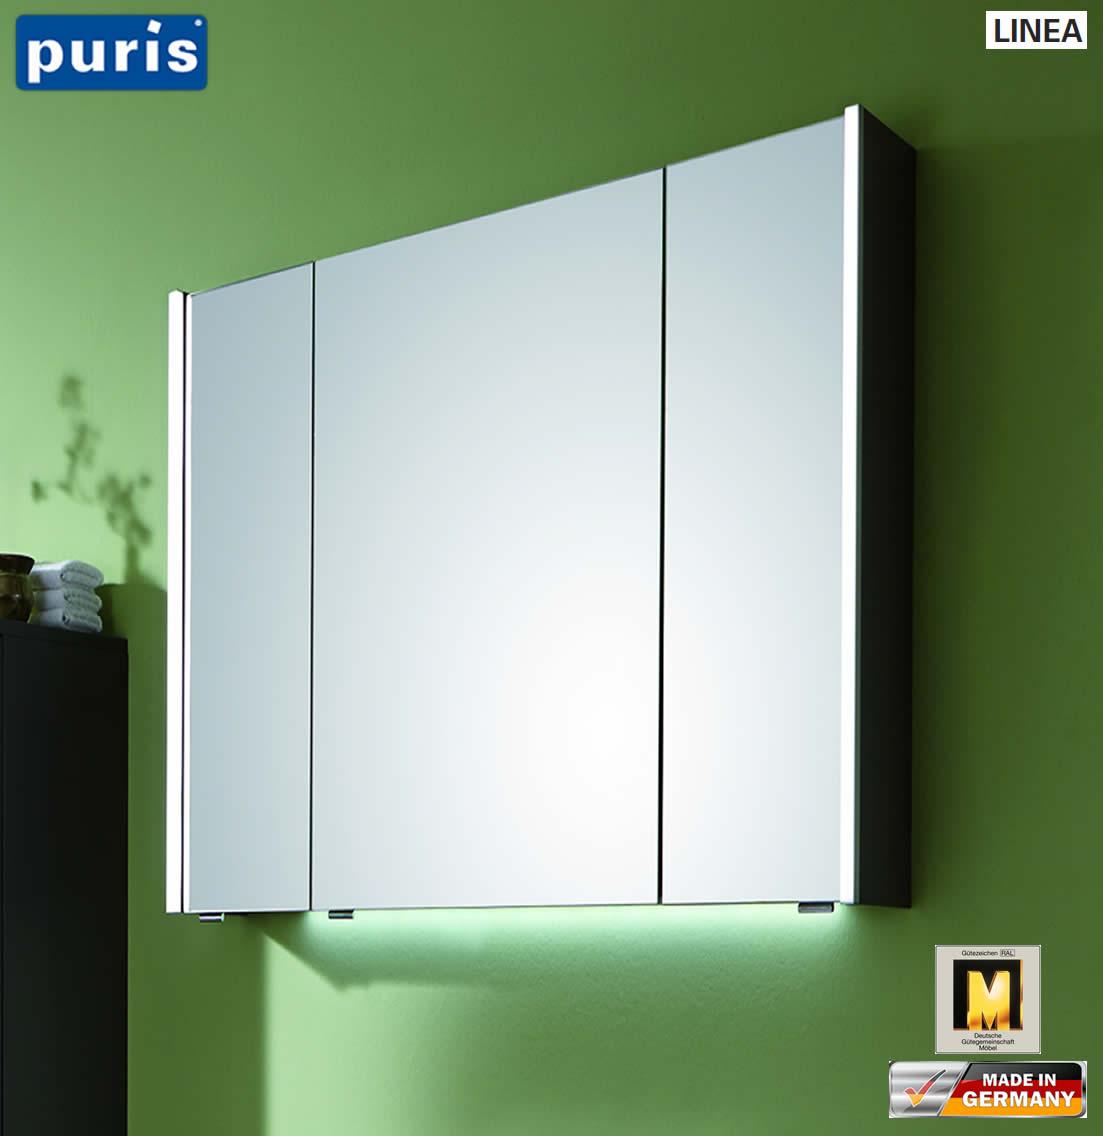 puris linea spiegelschrank 70 cm mit seitlichen led profilen s2a437079 impulsbad. Black Bedroom Furniture Sets. Home Design Ideas